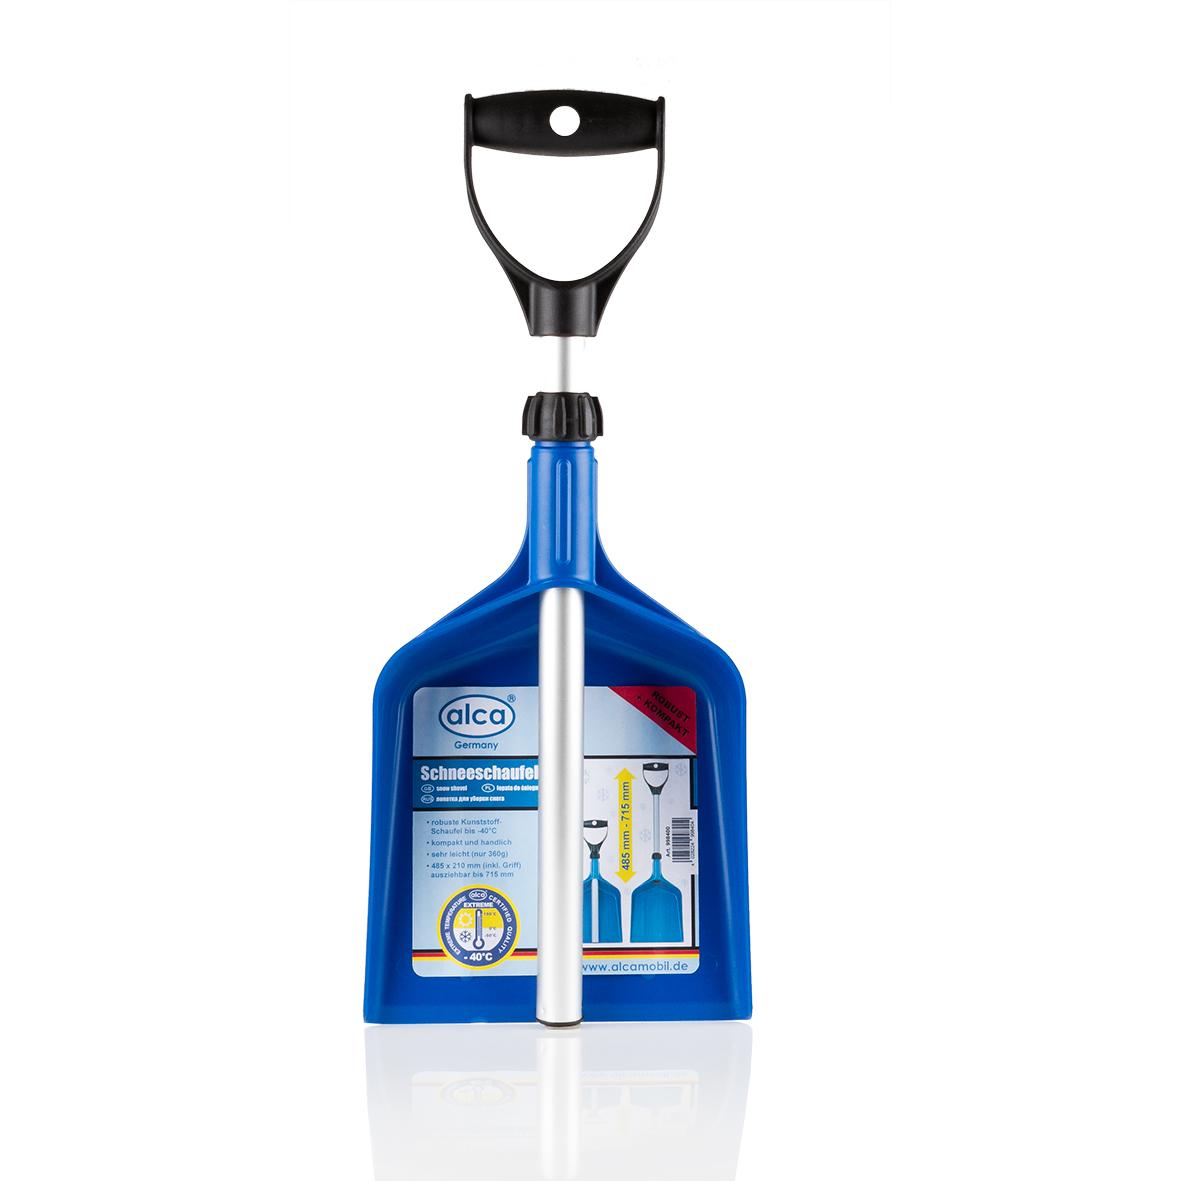 Лопата для уборки снега Alca, складная, длина 48,5-71,5 смTRA-054Лопата для уборки снега Alca имеет легкий вес и возможность использования при температуре до -40°С. Лопата складная, поэтому ее удобно хранить в багажнике автомобиля. Такая лопата поможет быстро очистить снег. Выполнена из прочных материалов, отличается износоустойчивостью и долгим сроком службы. Размер в сложенном виде: 48,5 х 21 см. Размер в разложенном виде: 71,5 х 21 см.